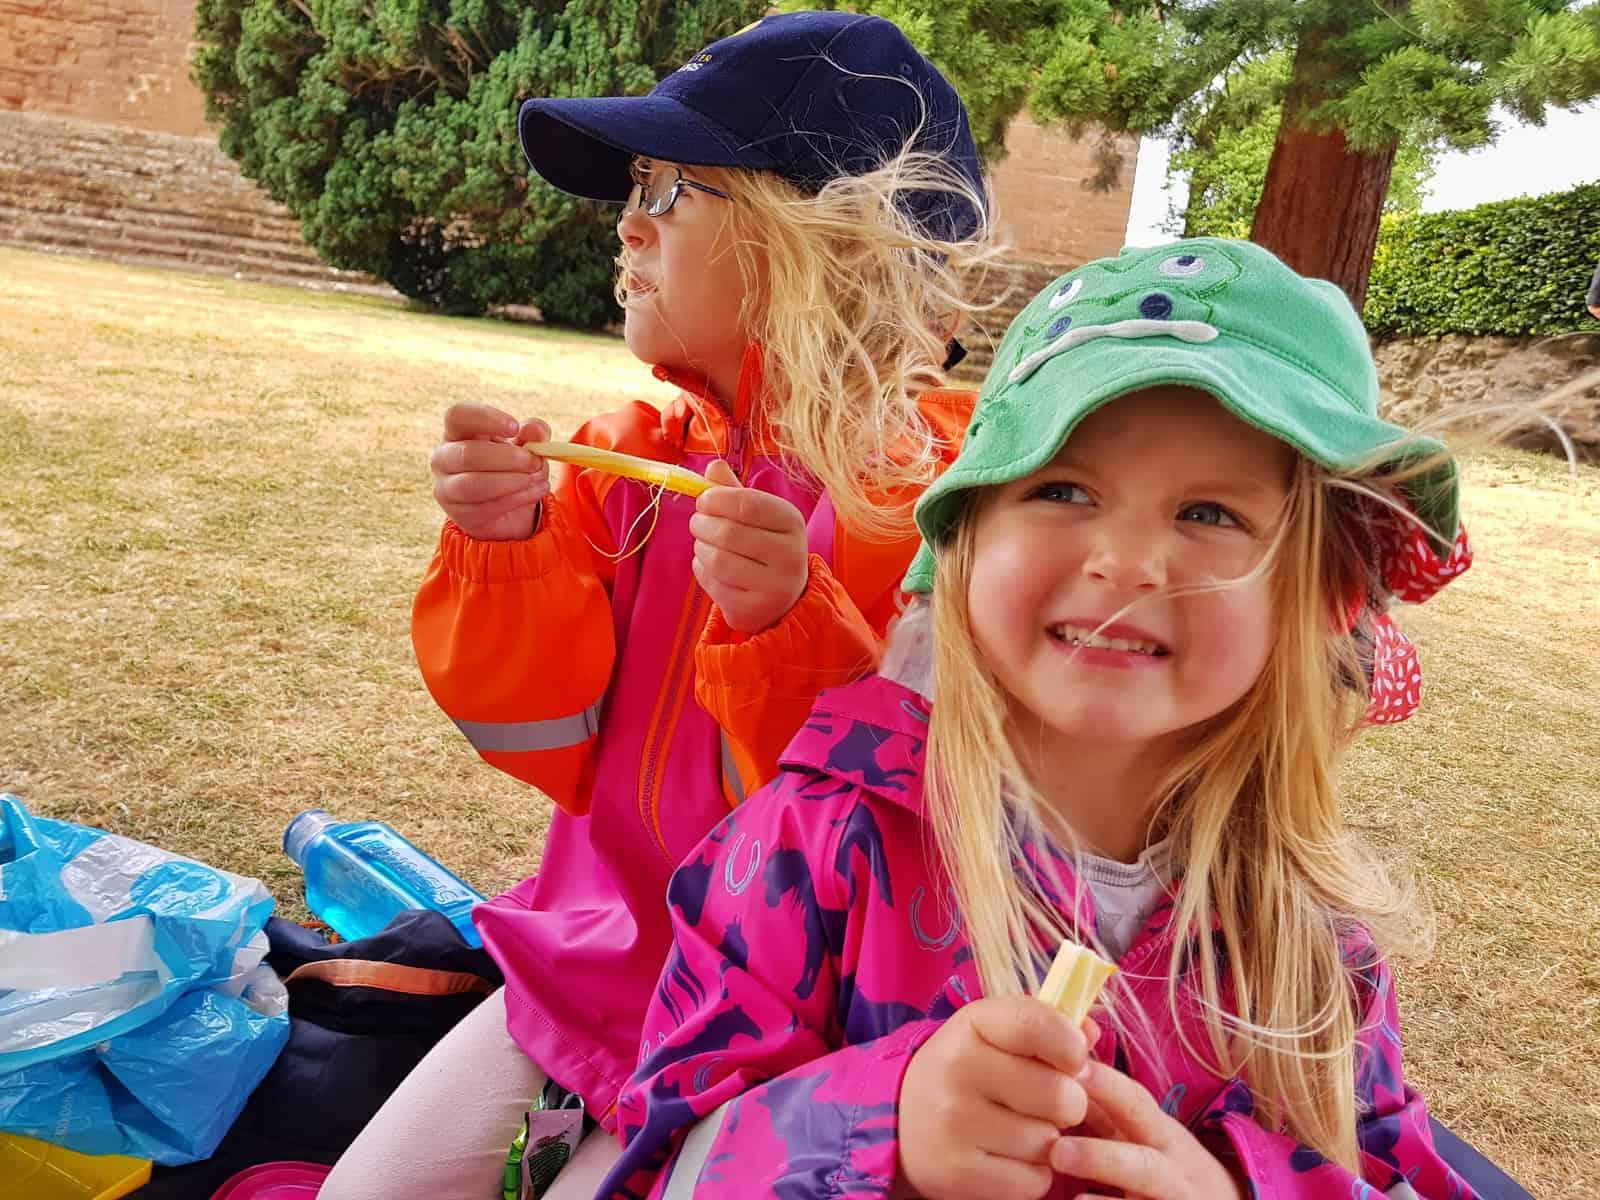 Pik-Nik cheese sticks two girls eating